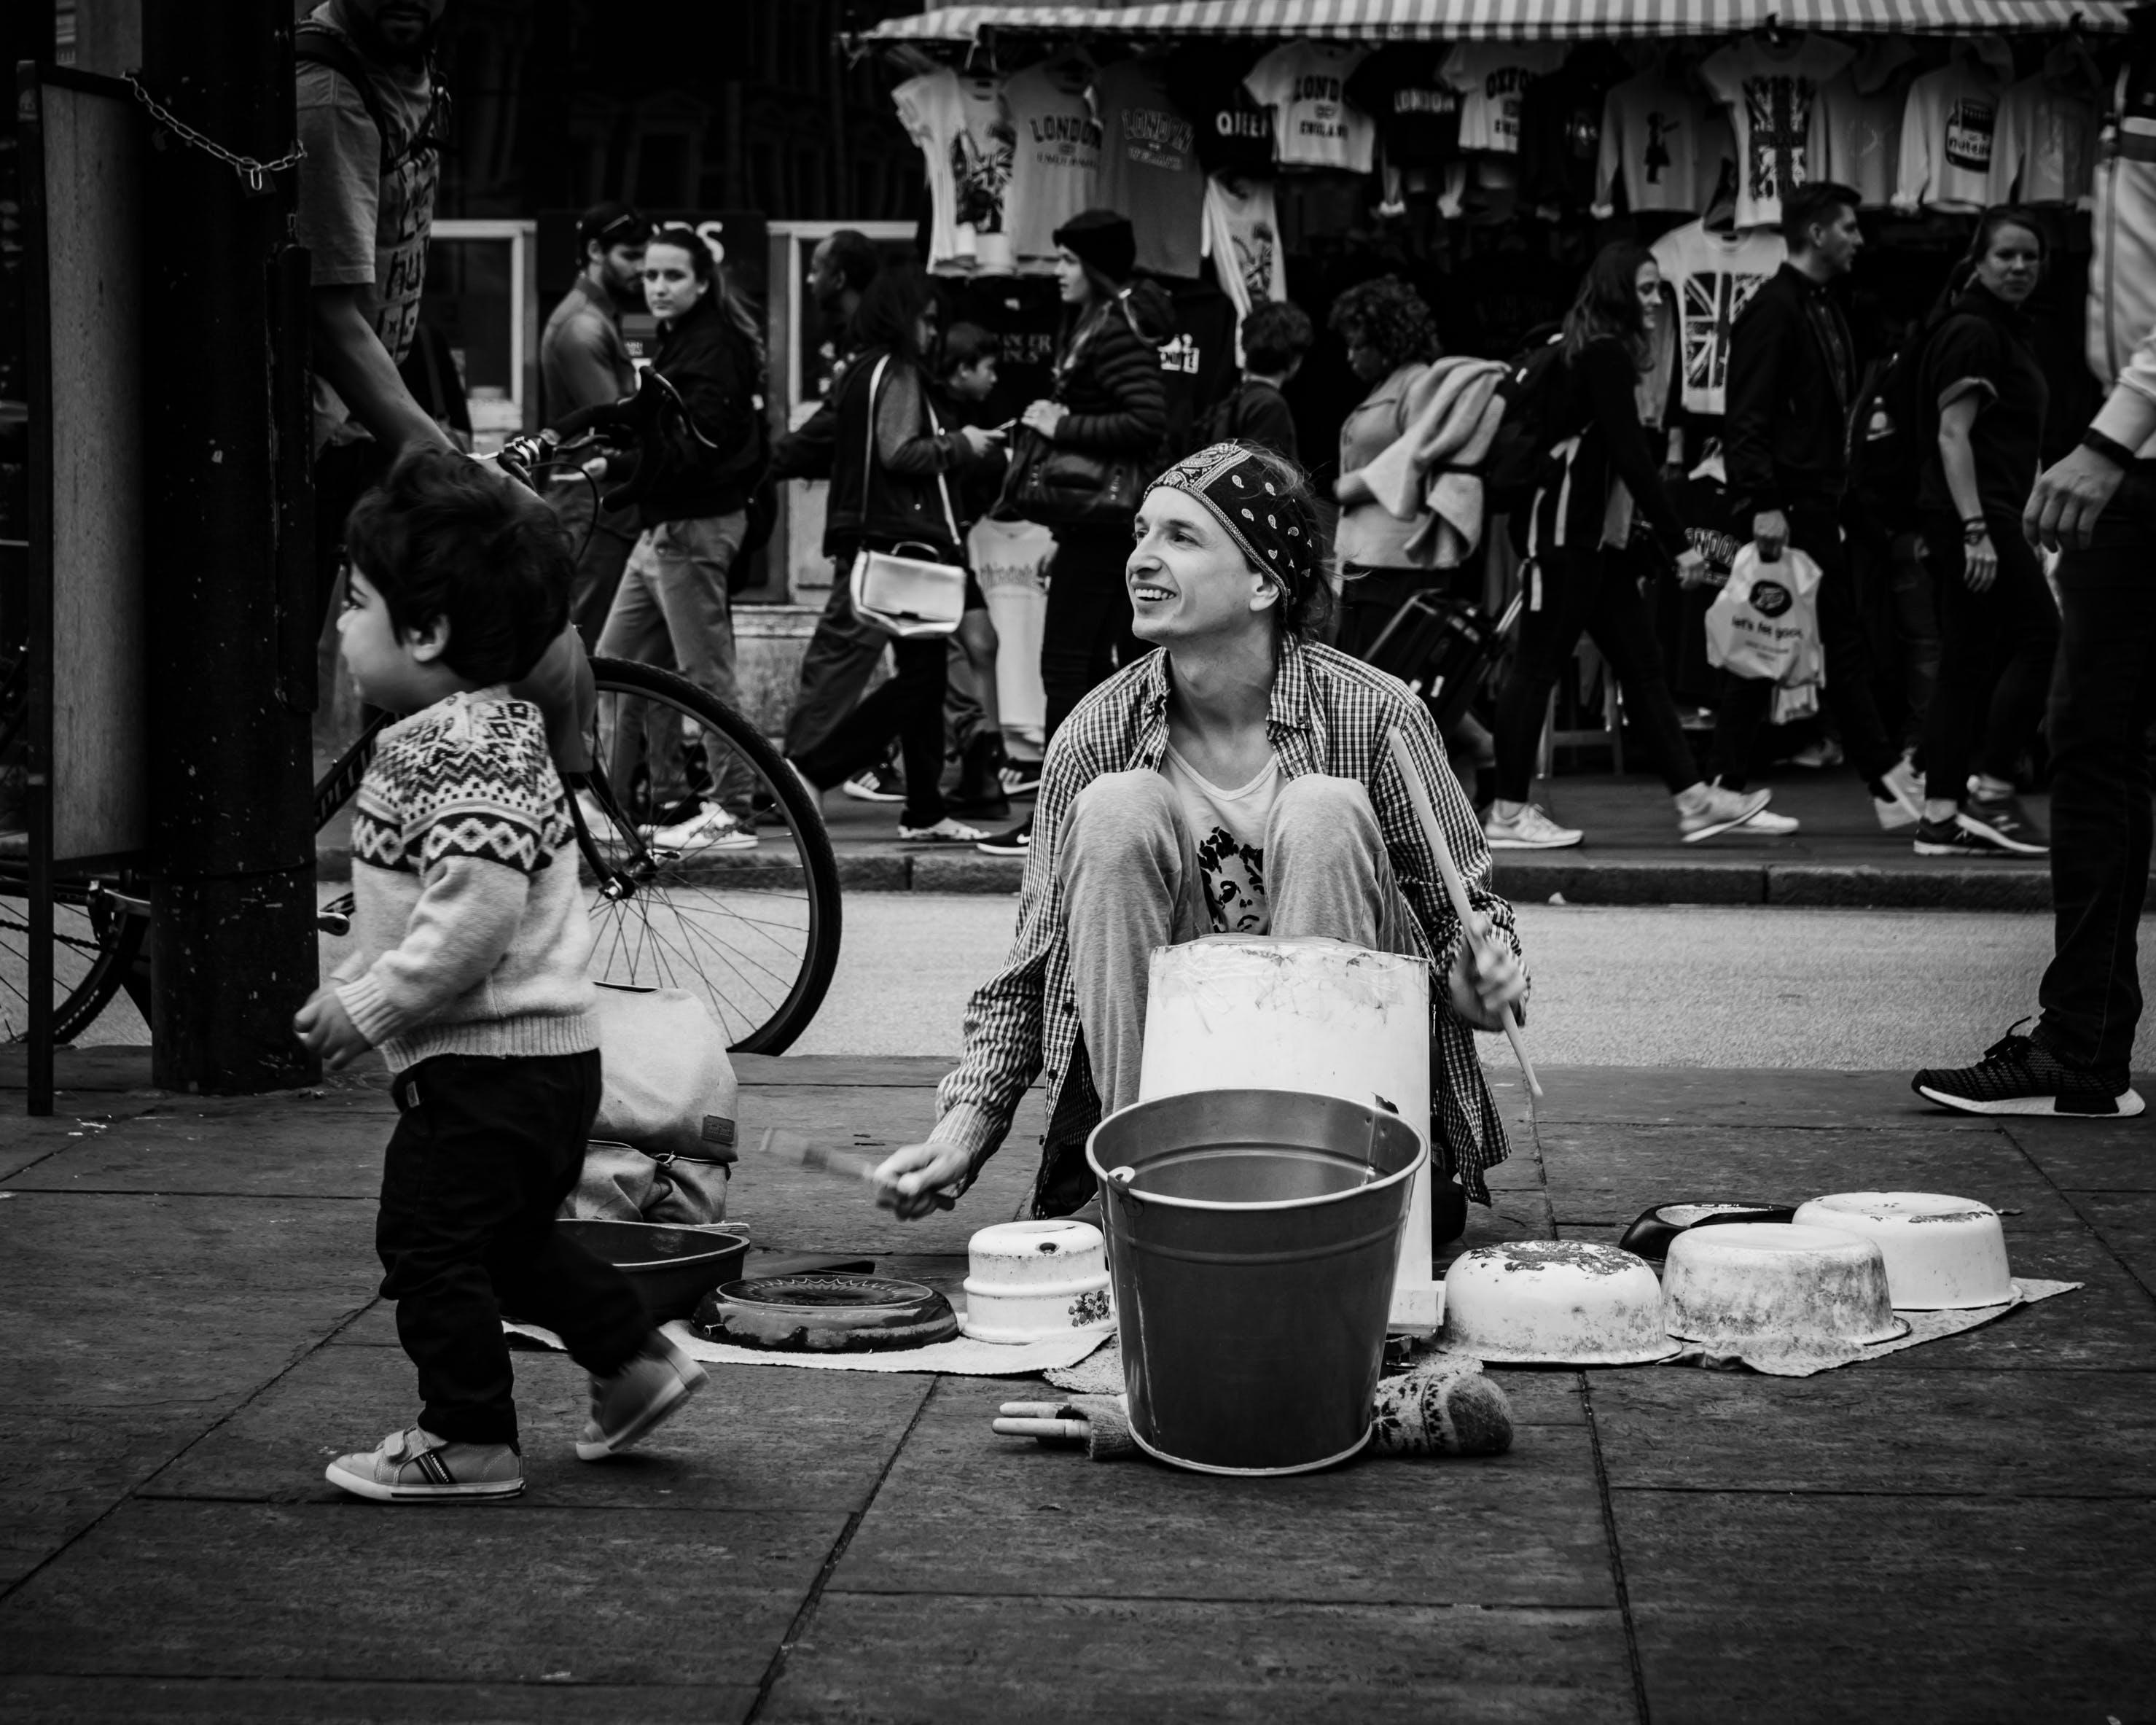 거리, 거리 공연가, 거리 예술가, 거리 음악가의 무료 스톡 사진